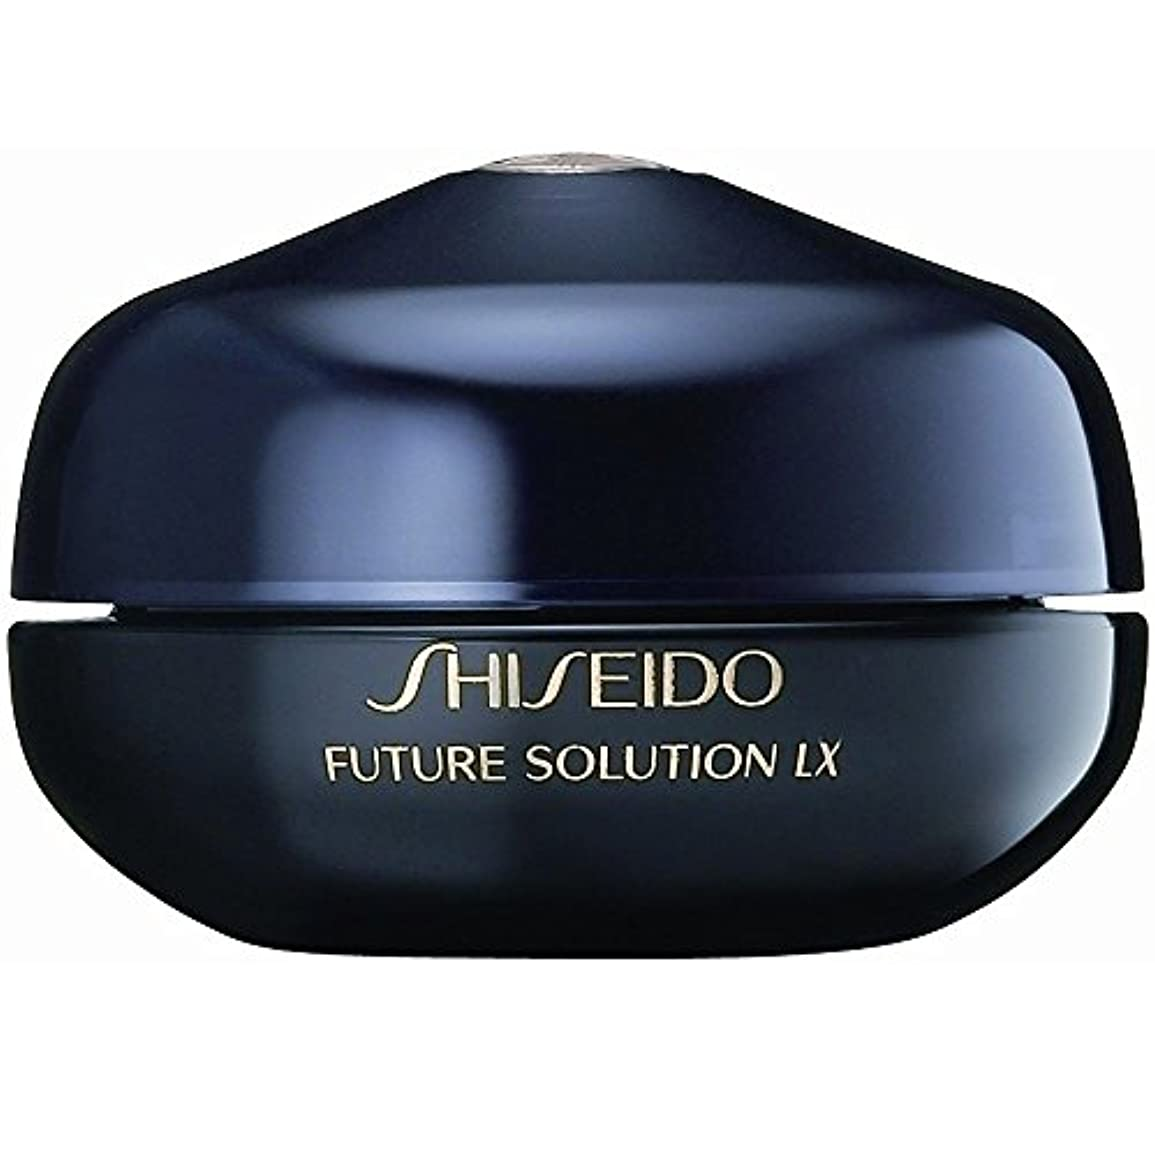 魅惑するコンデンサーセール[Shiseido] 資生堂フューチャーソリューションLxの目と唇の輪郭再生クリーム15Ml - Shiseido Future Solution Lx Eye And Lip Contour Regenerating...